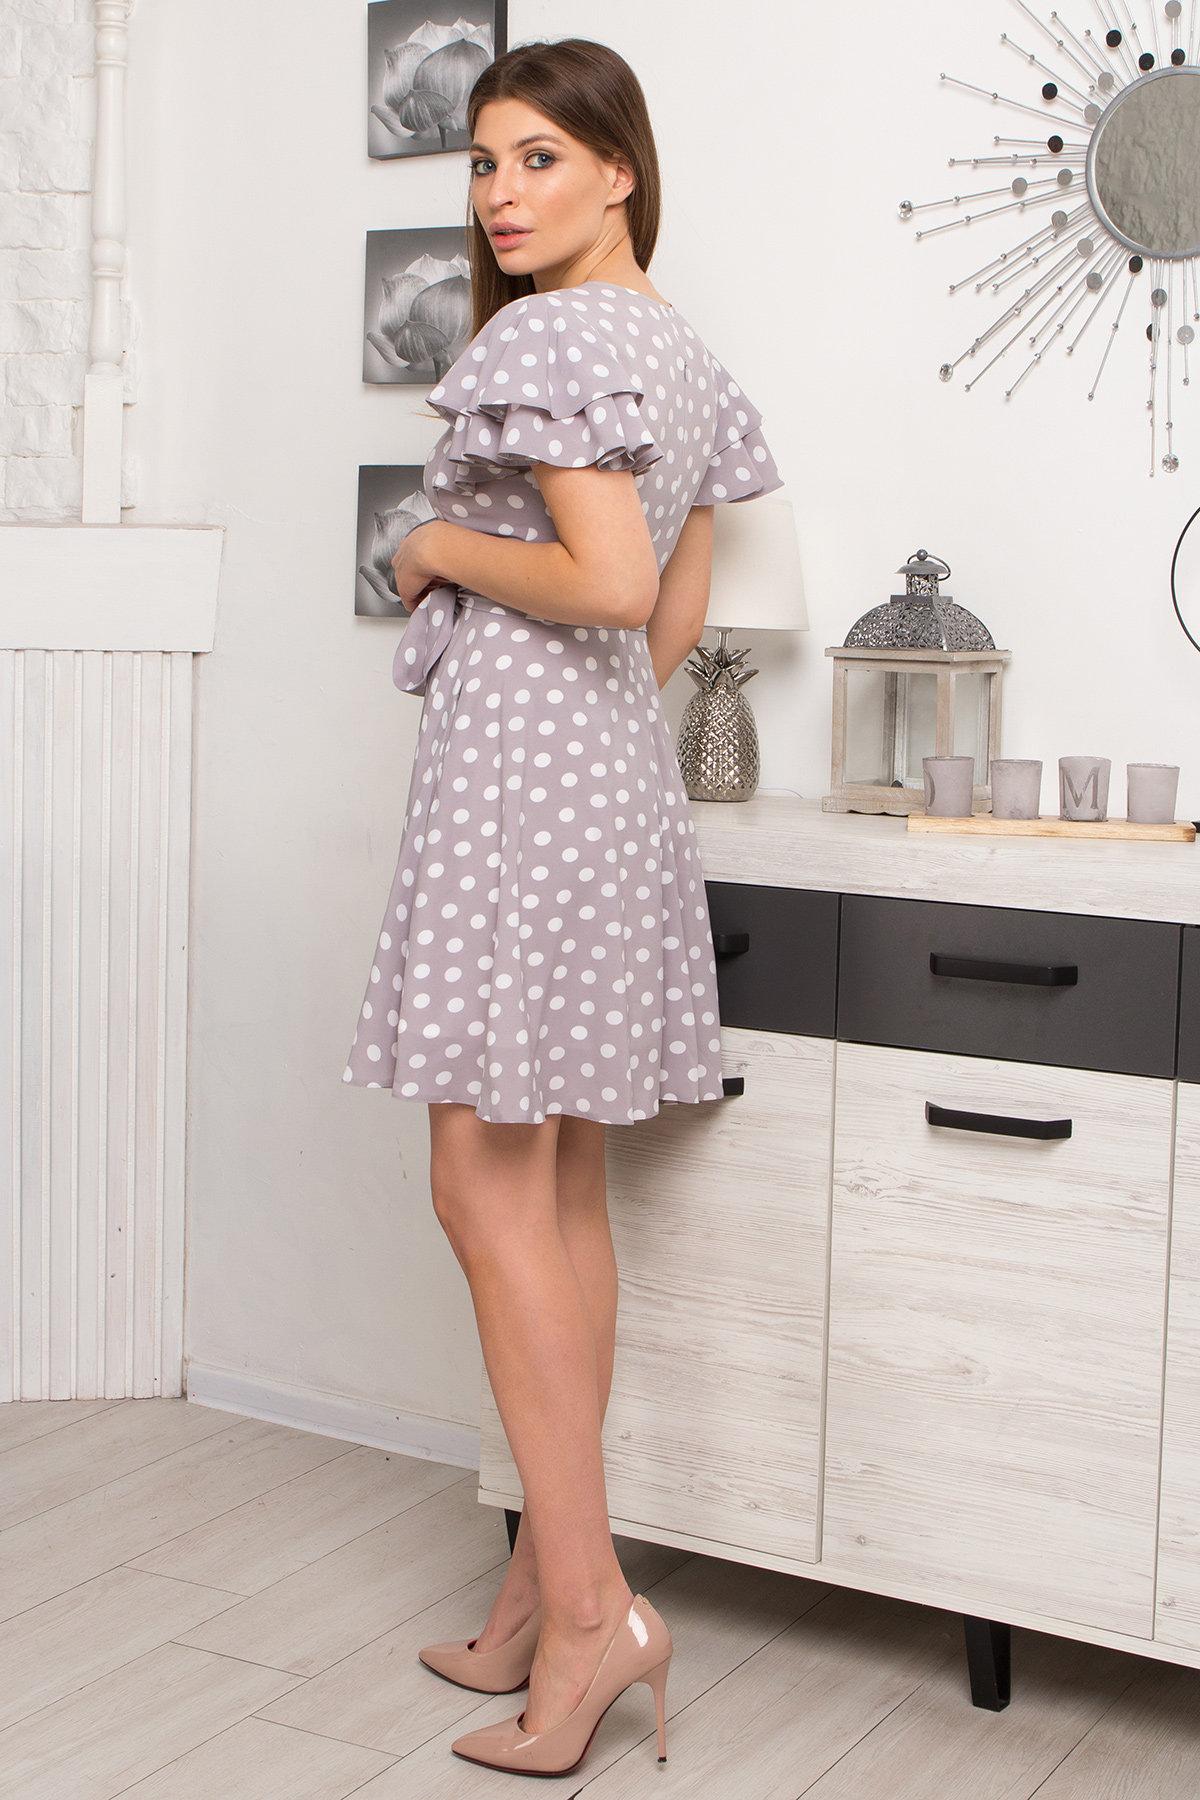 Платье Милея 9072 АРТ. 45397 Цвет: Серый/молоко горох - фото 5, интернет магазин tm-modus.ru